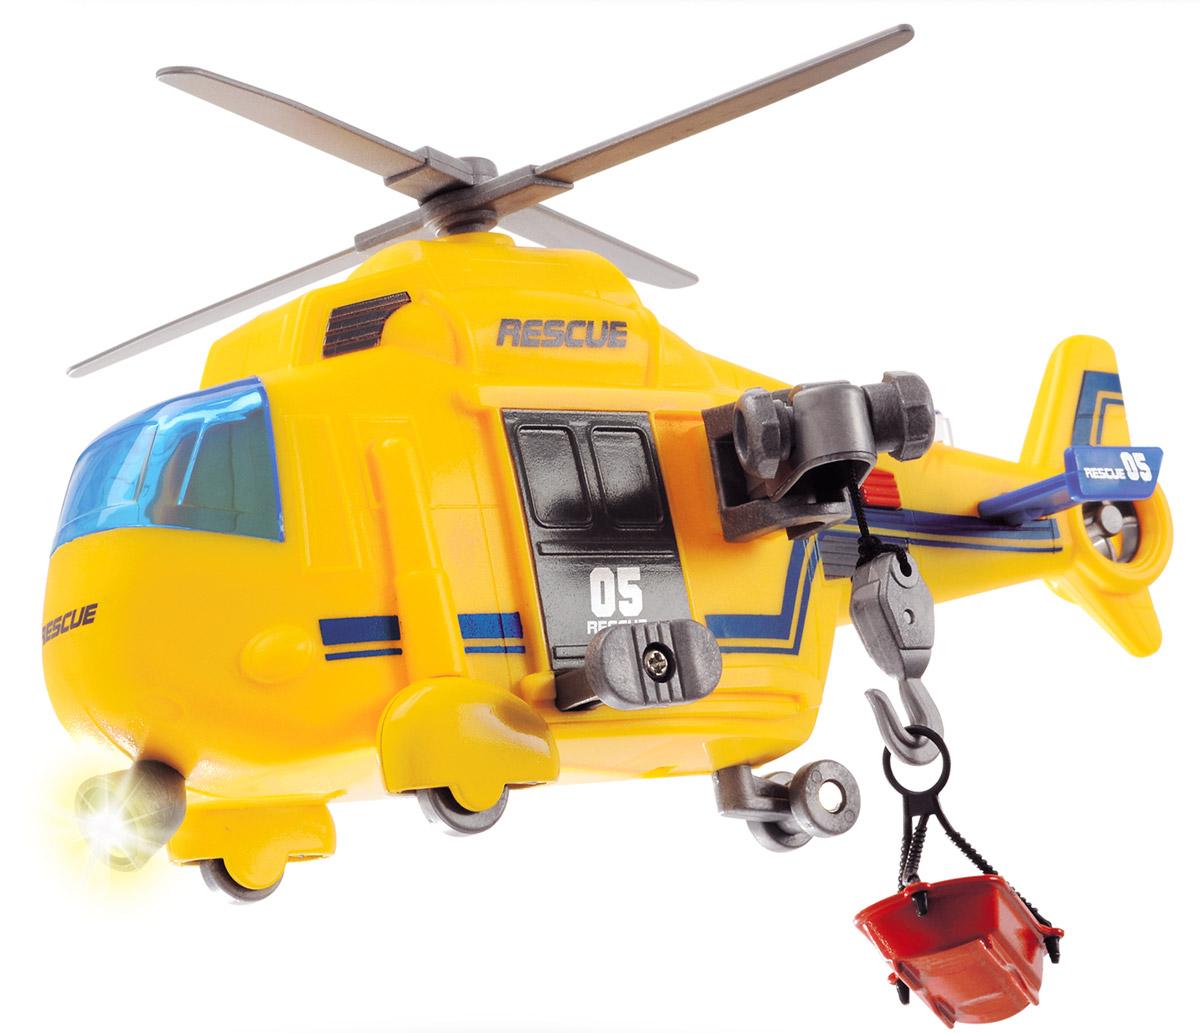 Dickie Toys Спасательный вертолет3302003Спасательный вертолет Dickie Toys даст возможность ребенку почувствовать себя маленьким спасателем, спешащим на помощь людям, попавшим в беду.Вертолет окрашен в яркие цвета. Подвесная люлька отделяется от специального крючка, в нее можно положить небольшую игрушку в виде человечка, животного или необходимого груза. При нажатии на красную кнопку у игрушки начинают крутиться винты, гудит сирена, зажигаются сигнальные огни и фары.Спасательный вертолет отлично развивает фантазию и мышление, расширяет кругозор.Рекомендуется докупить 3 батарейки напряжением 1,5V типа LR41 (товар комплектуется демонстрационными). Рекомендуем!